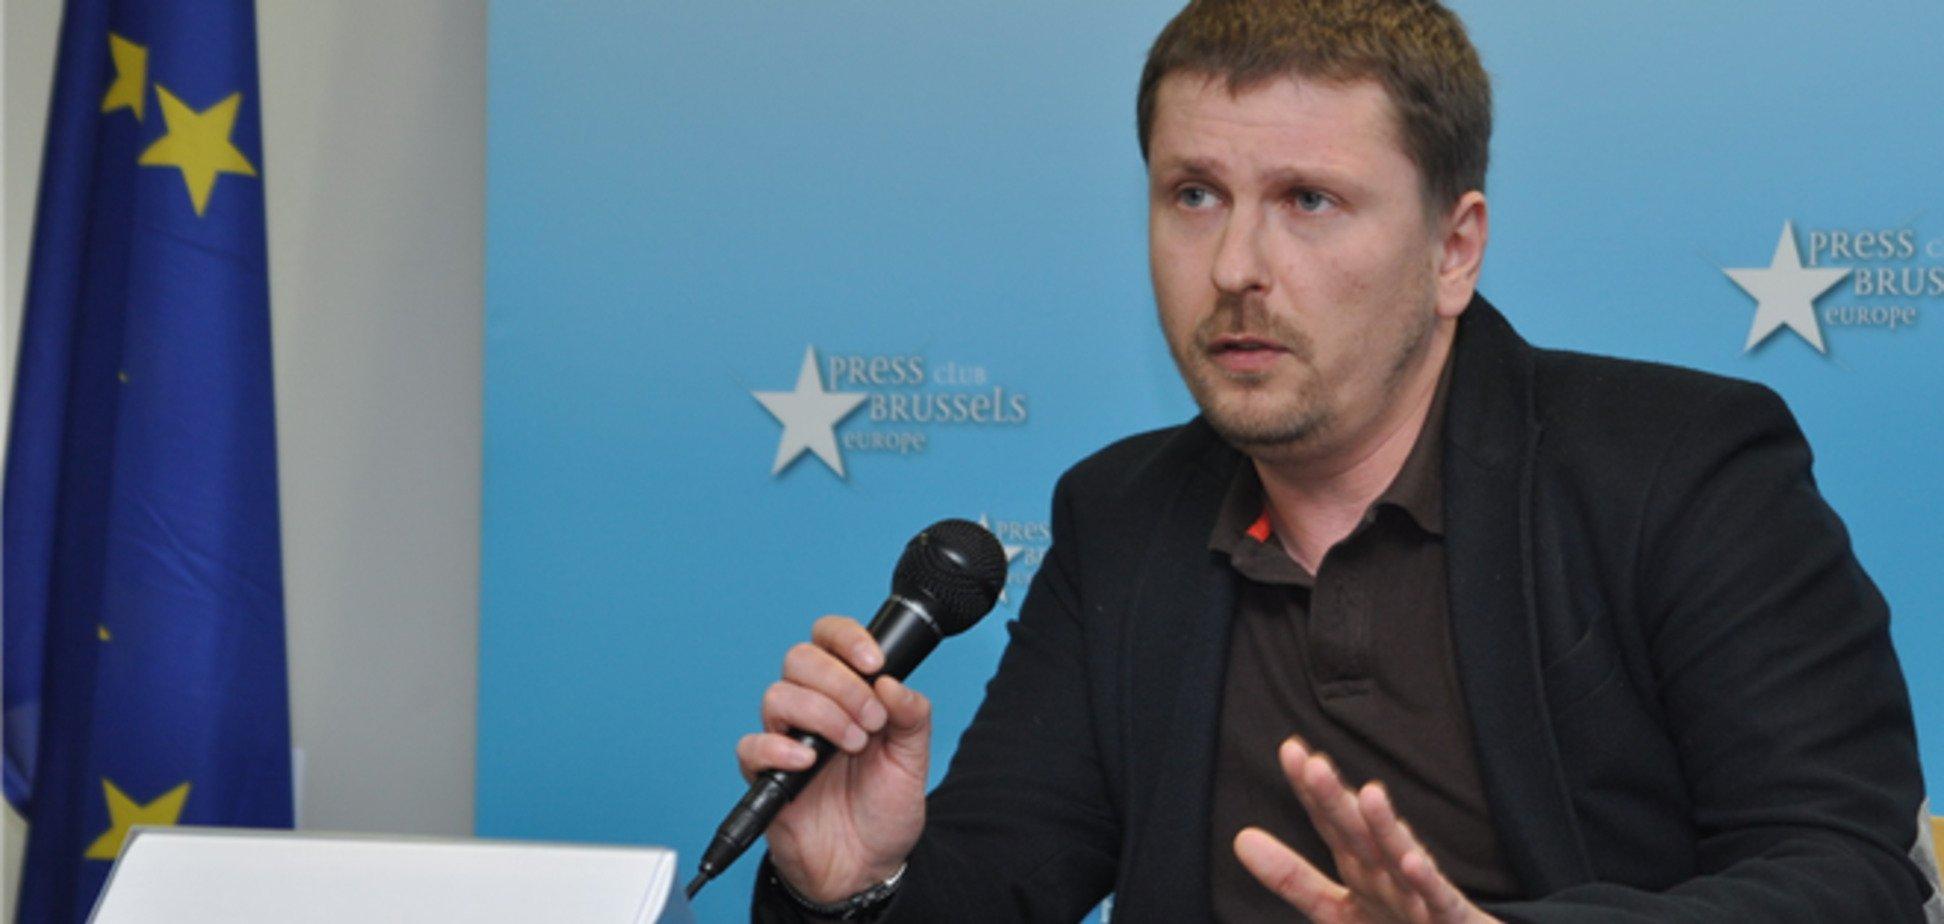 Журналіст Шарій заявляє, що його розшук незаконний